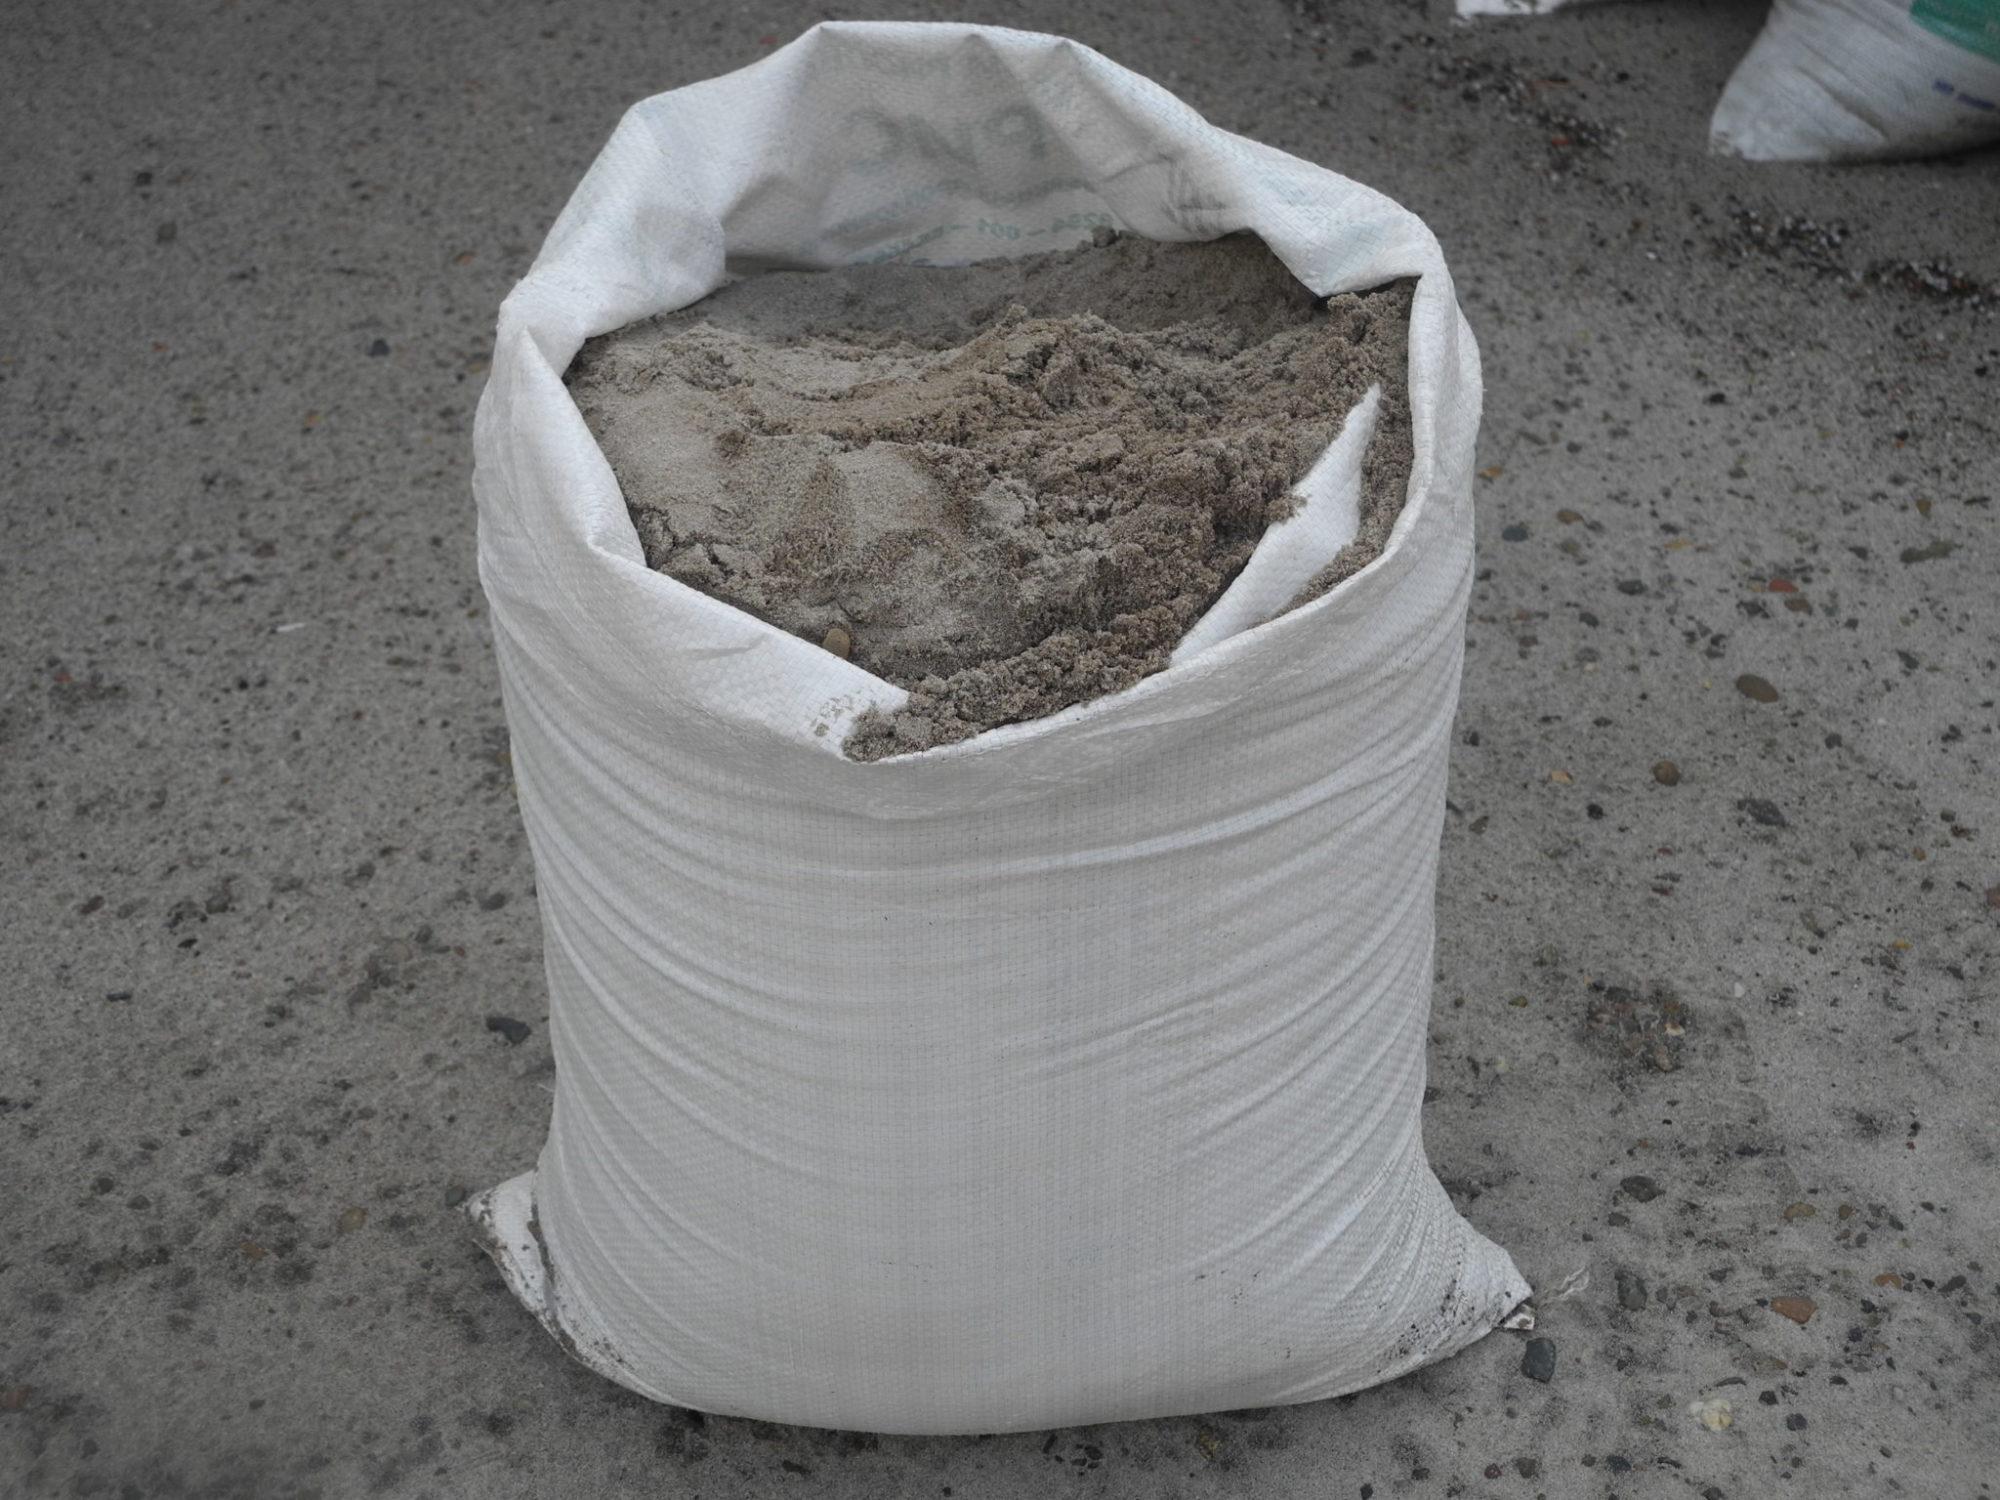 Соседи автора статьи однажды слили в канализацию остатки цемента. Эффект, мягко сказать, потрясающий